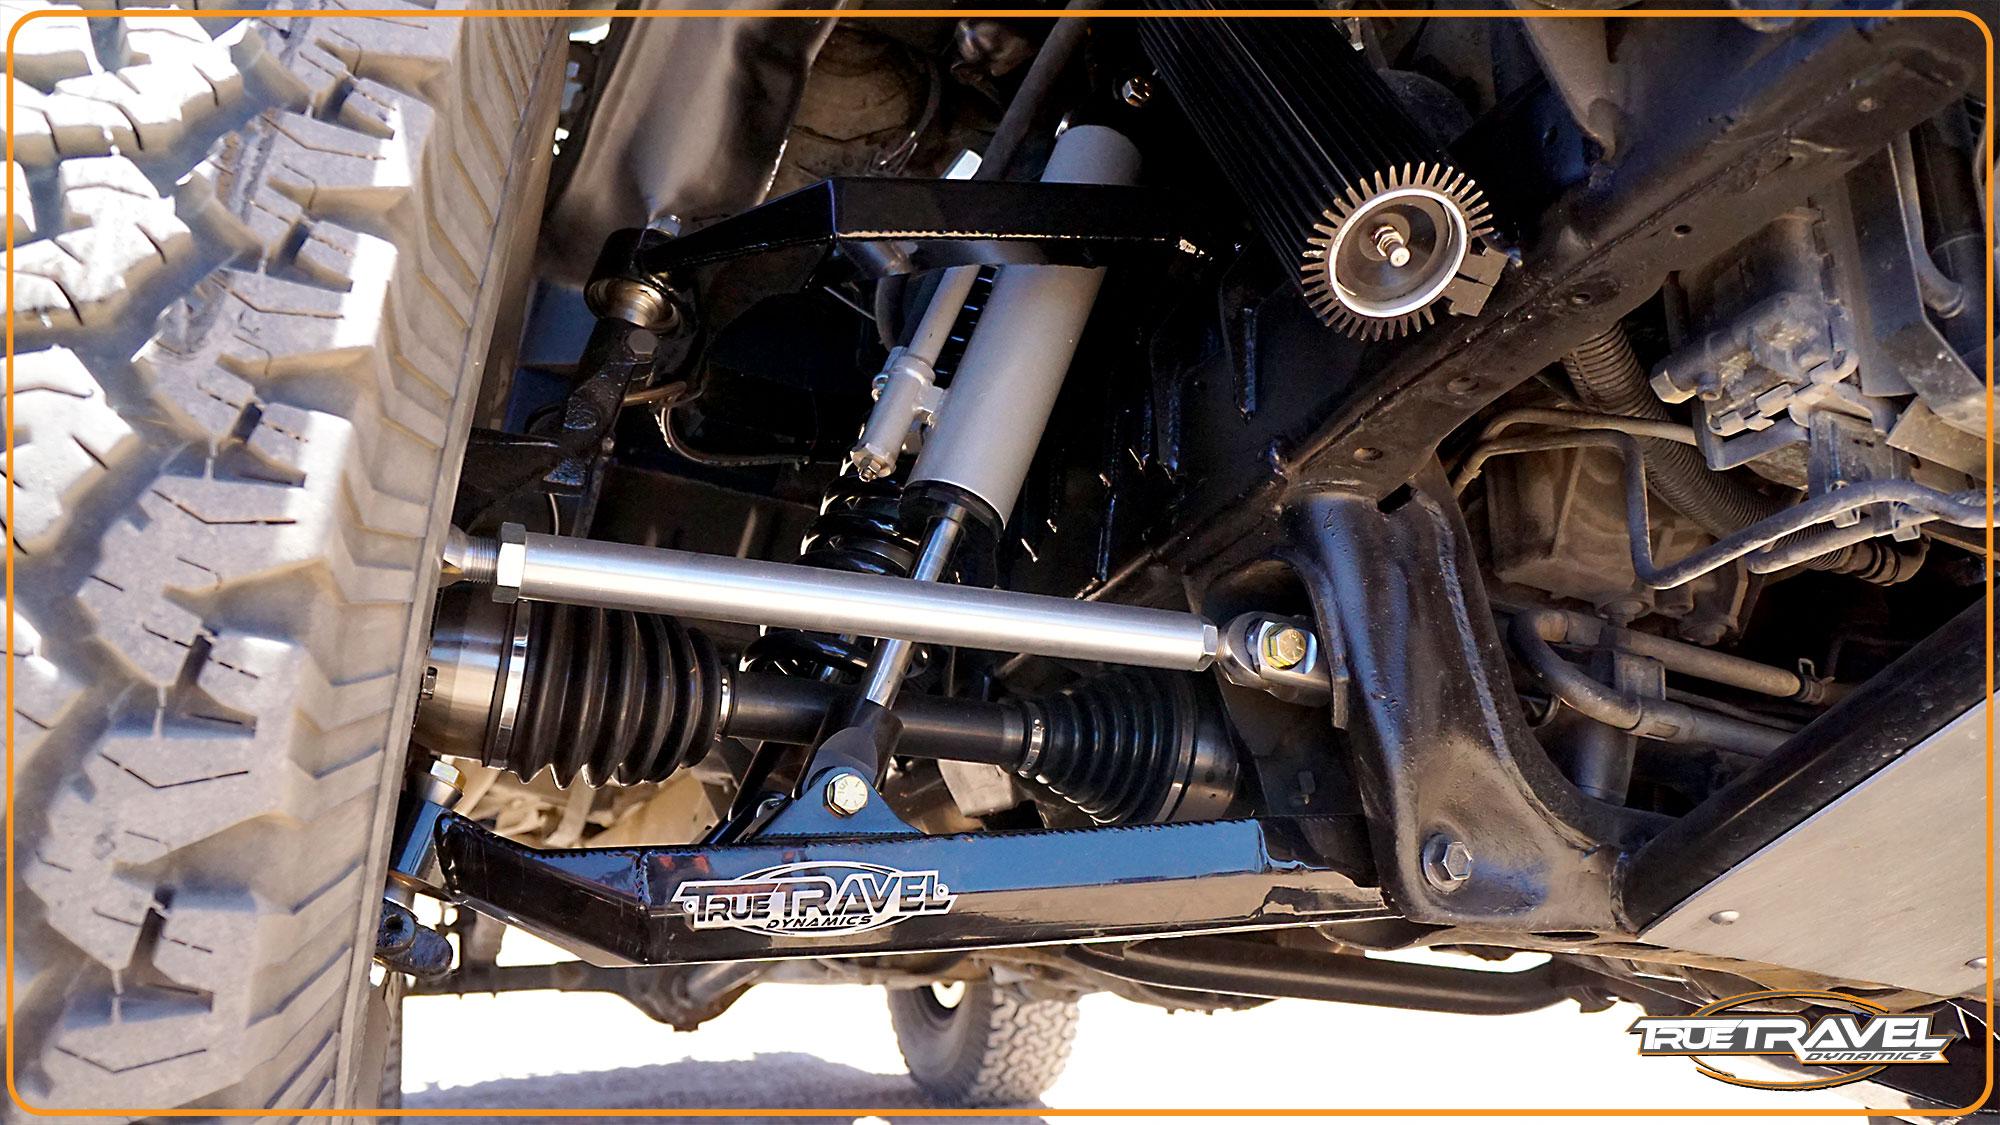 98-11 Ford Ranger 4WD +4.5 Long Travel Kit - True Travel ...